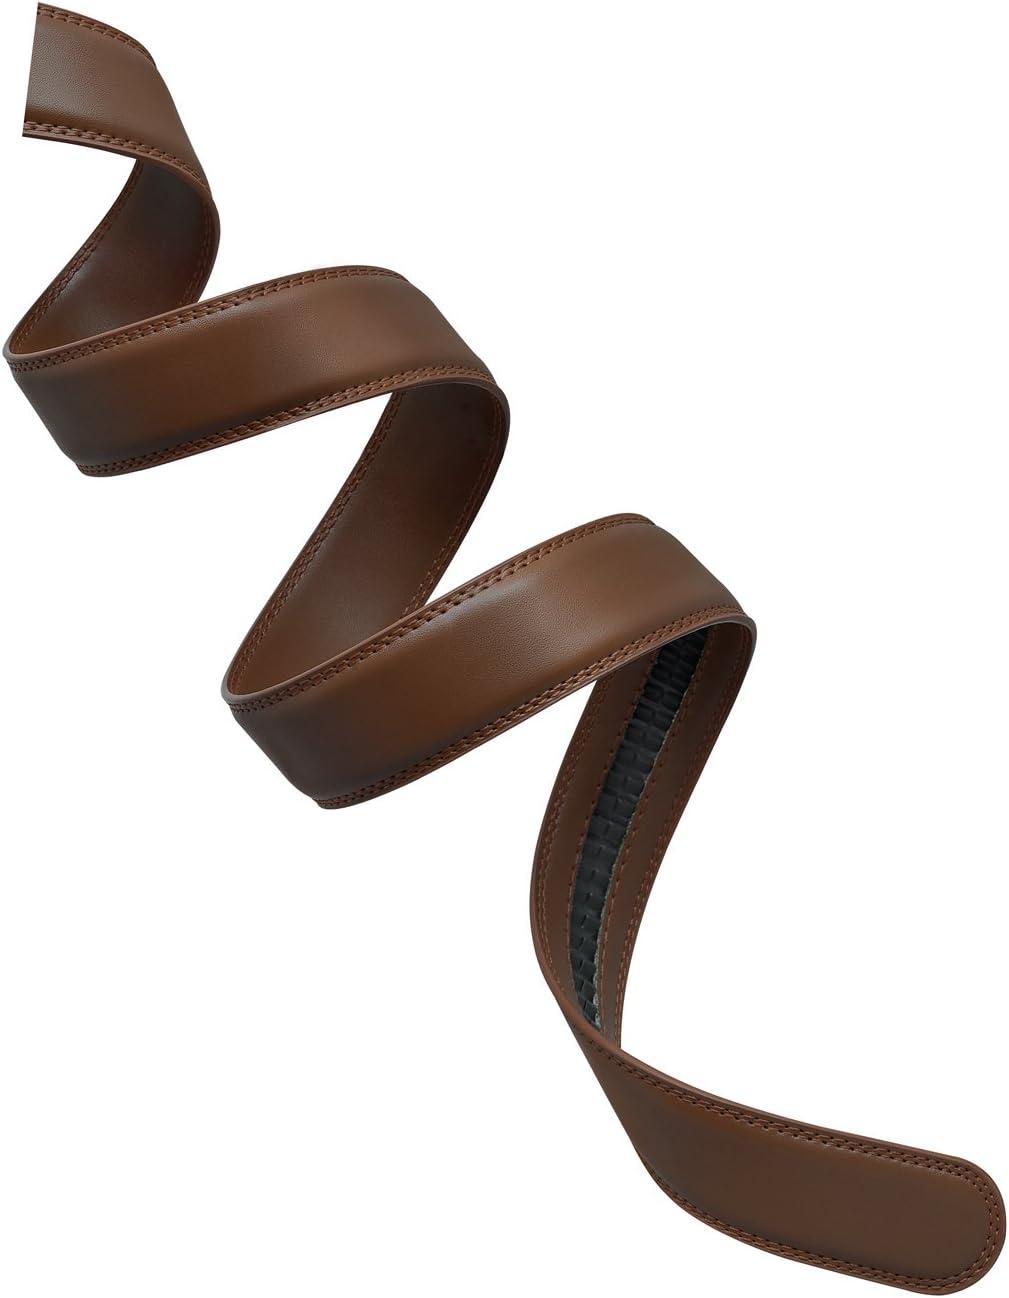 Black Mission Belt Leather 35mm